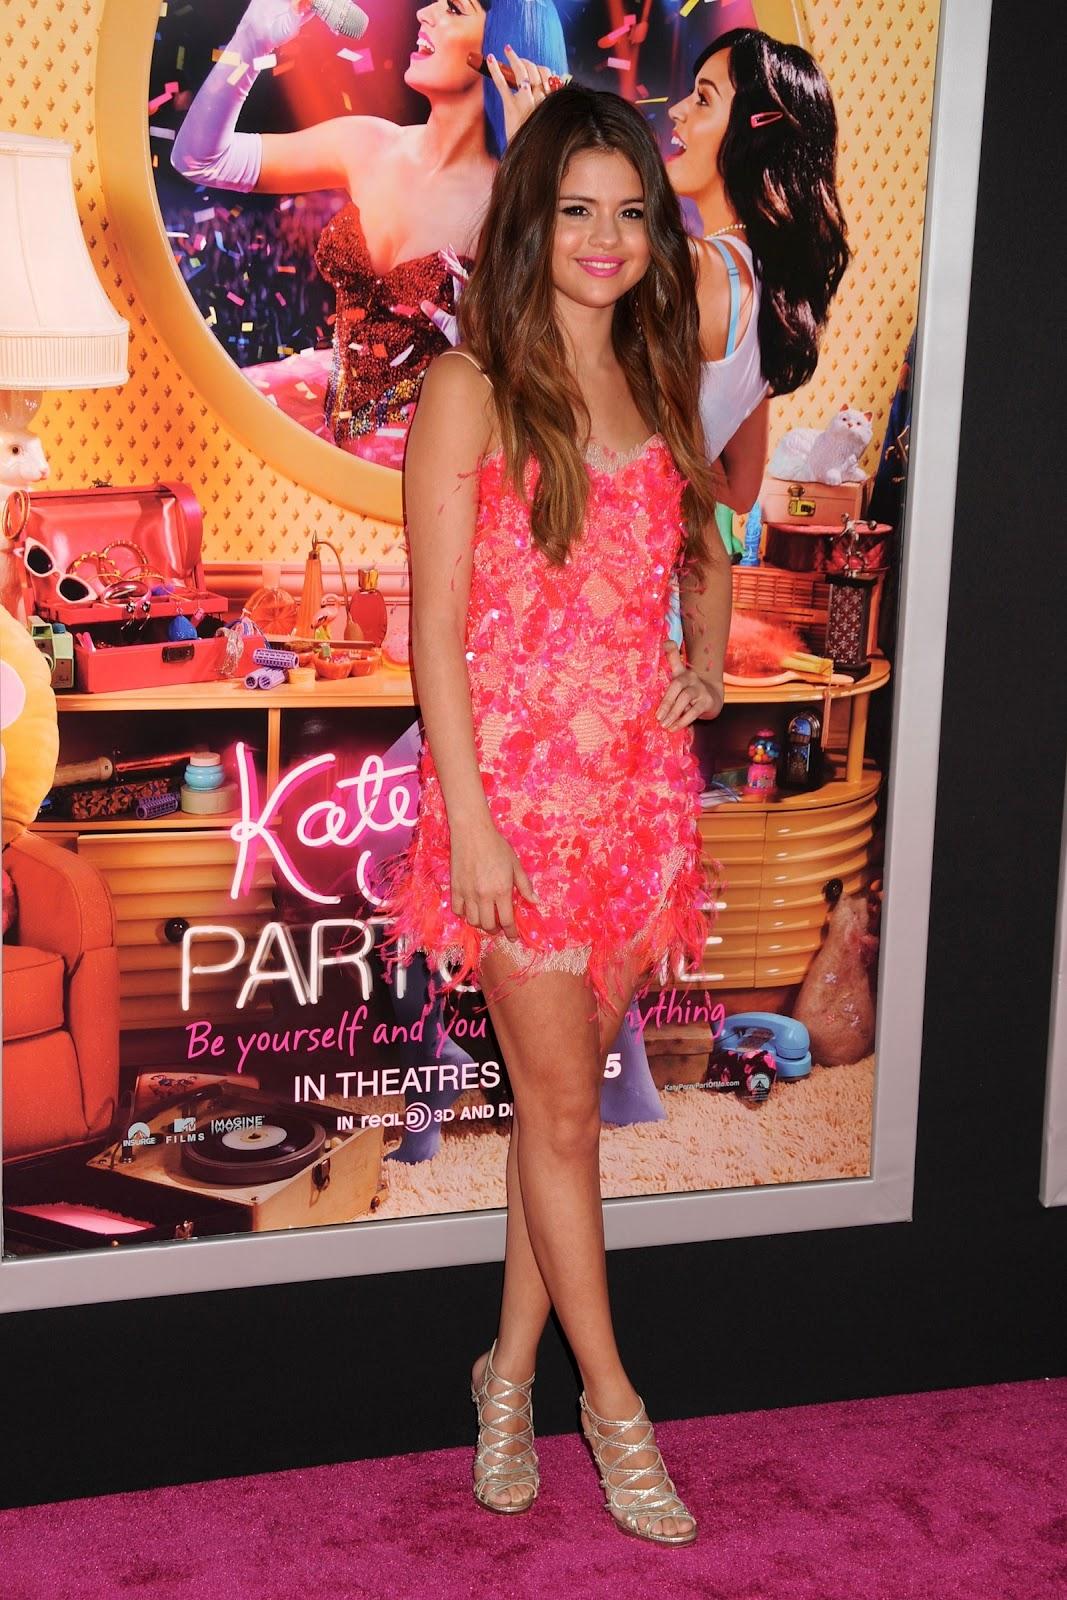 http://4.bp.blogspot.com/-REQXk2t-nec/T_ai7ehXQRI/AAAAAAAADSs/JJDLNle4tUY/s1600/Selena-Gomez-5+(1).jpeg